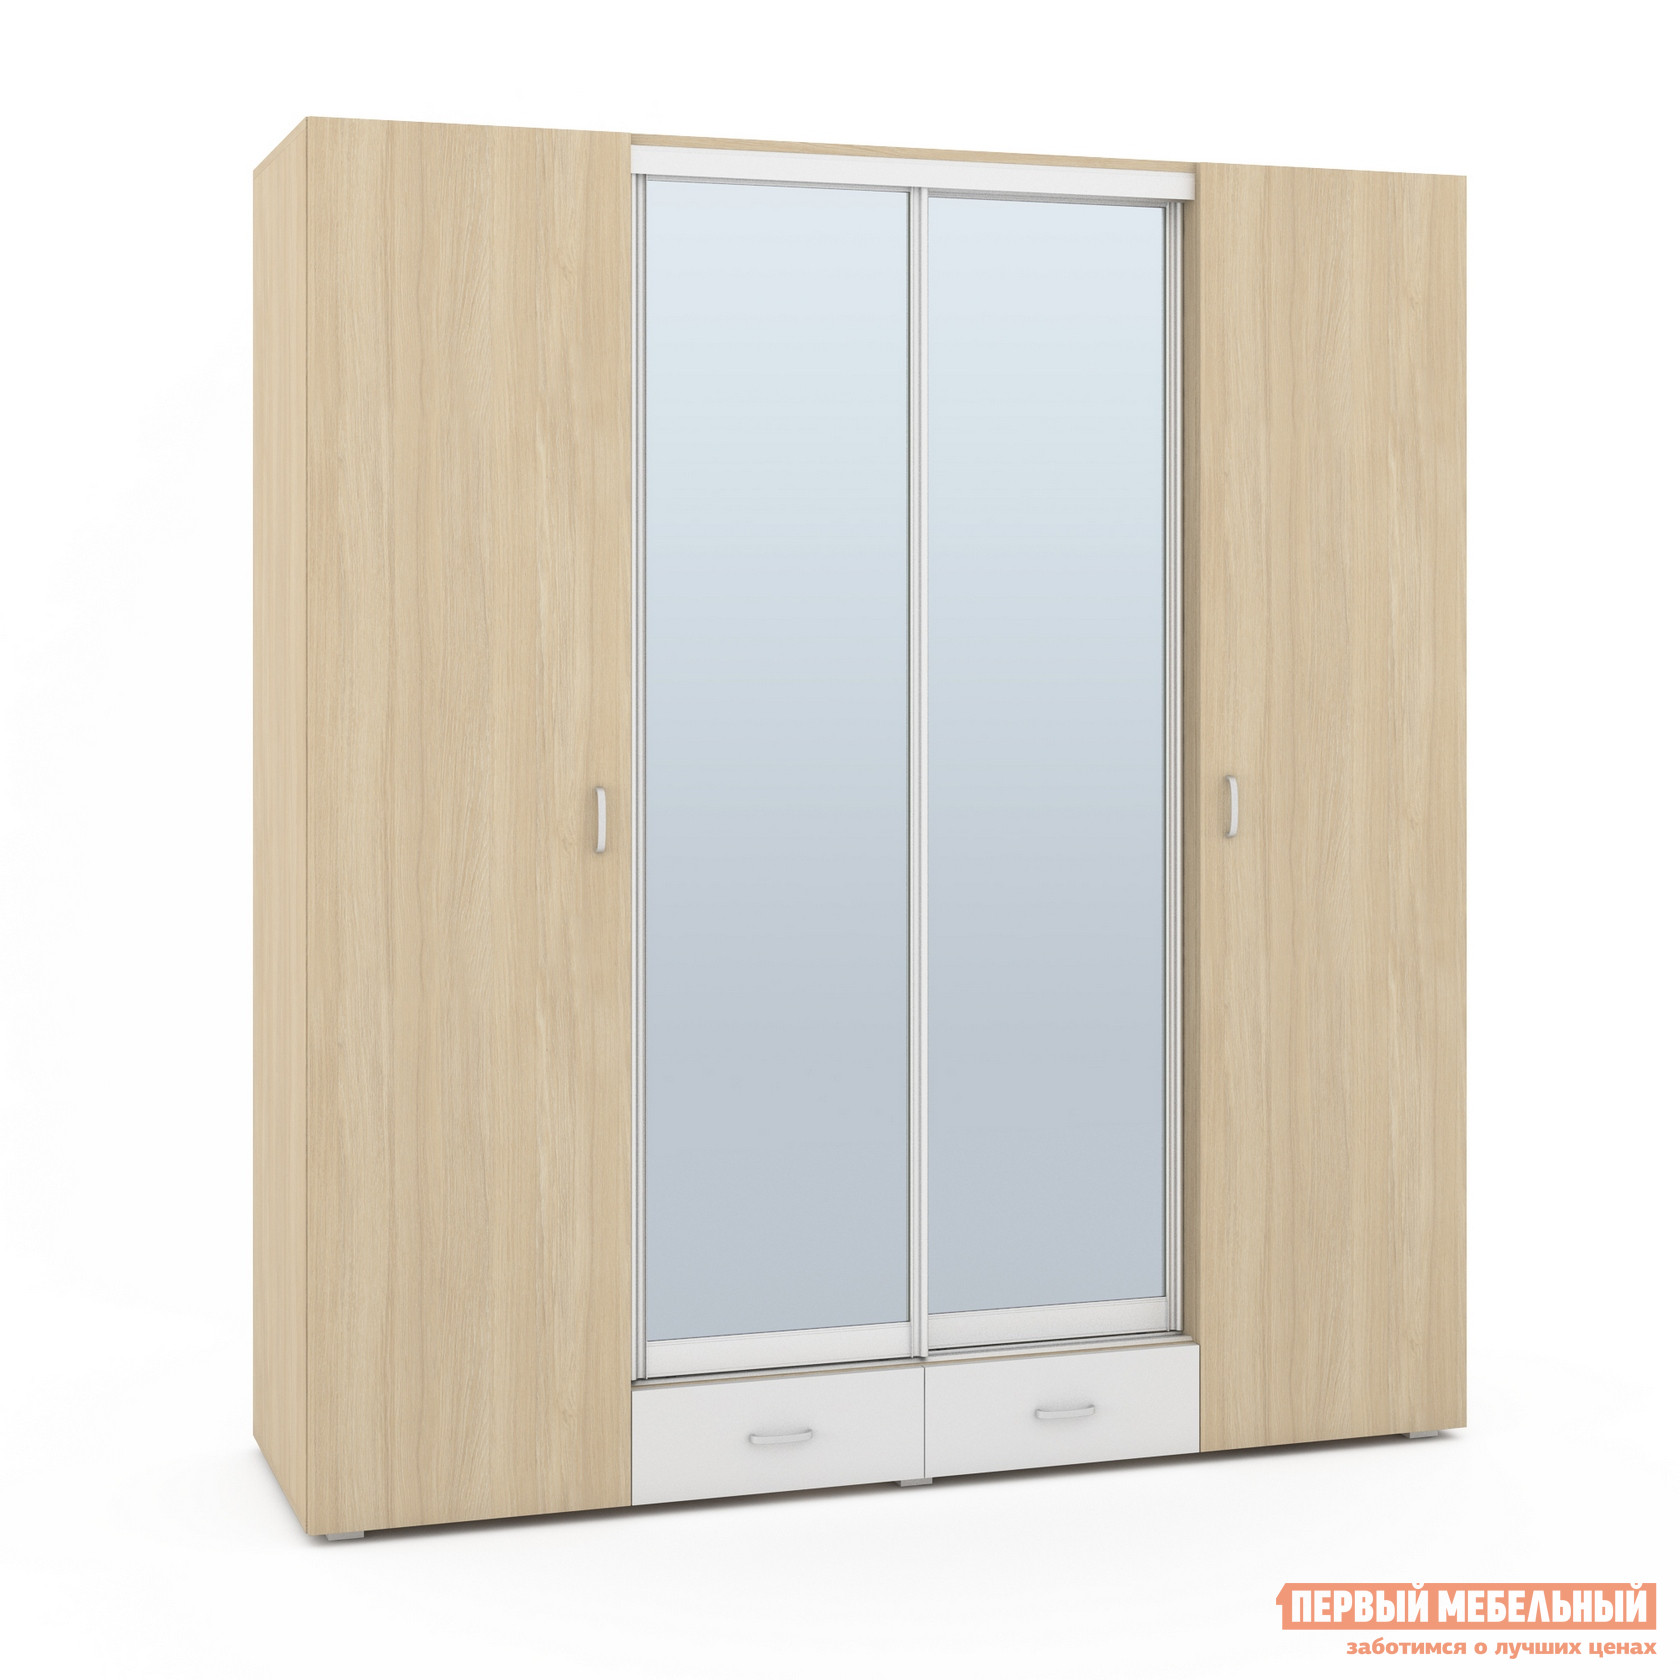 Шкаф-купе с зеркалом Первый Мебельный Шкаф 4-х дверный с зеркалом Линда